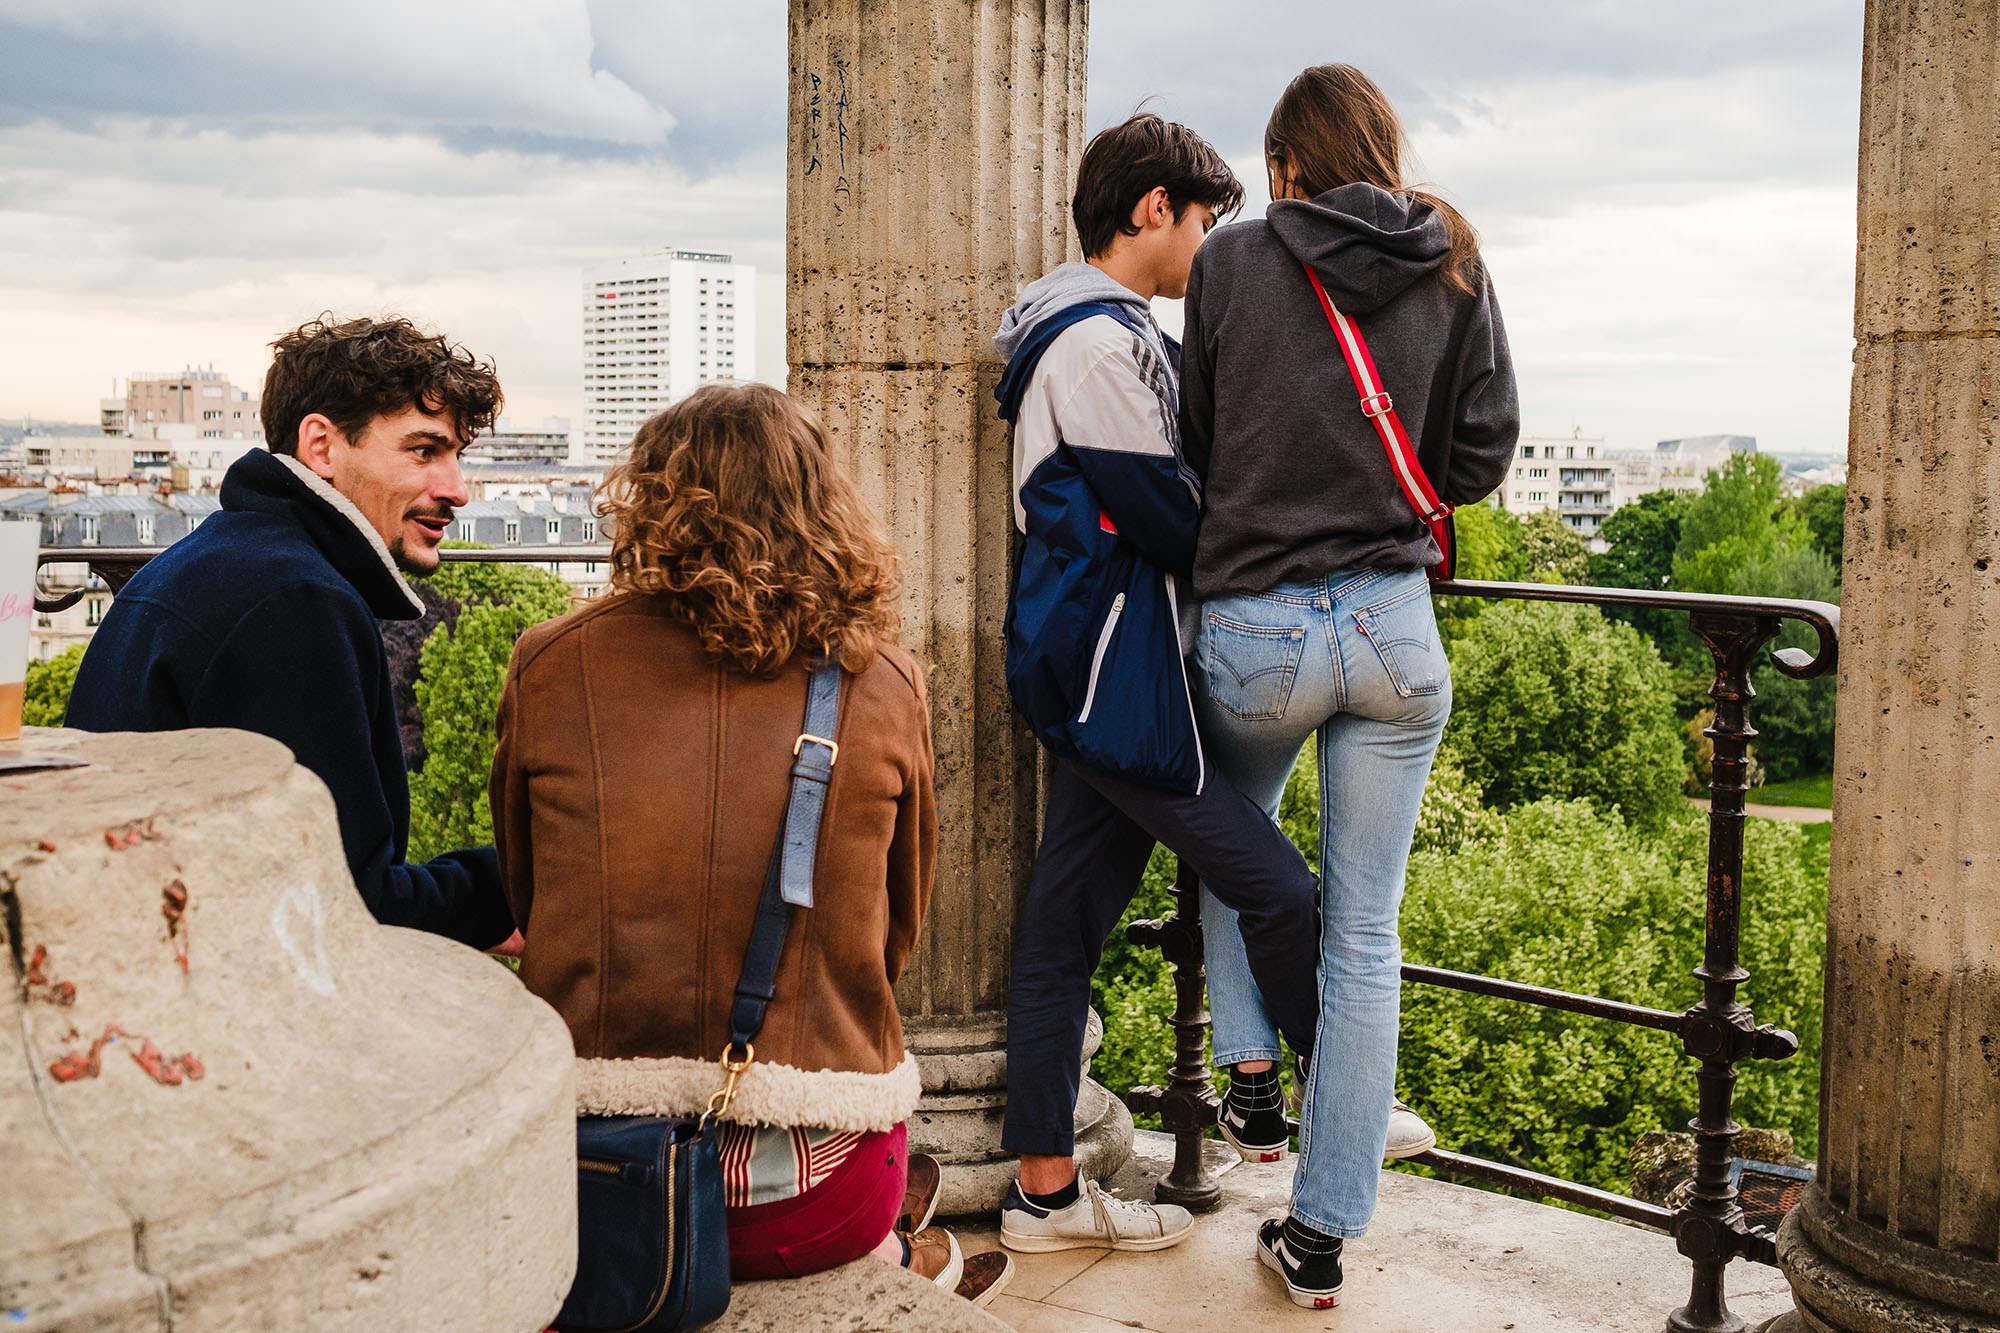 Paris views city life